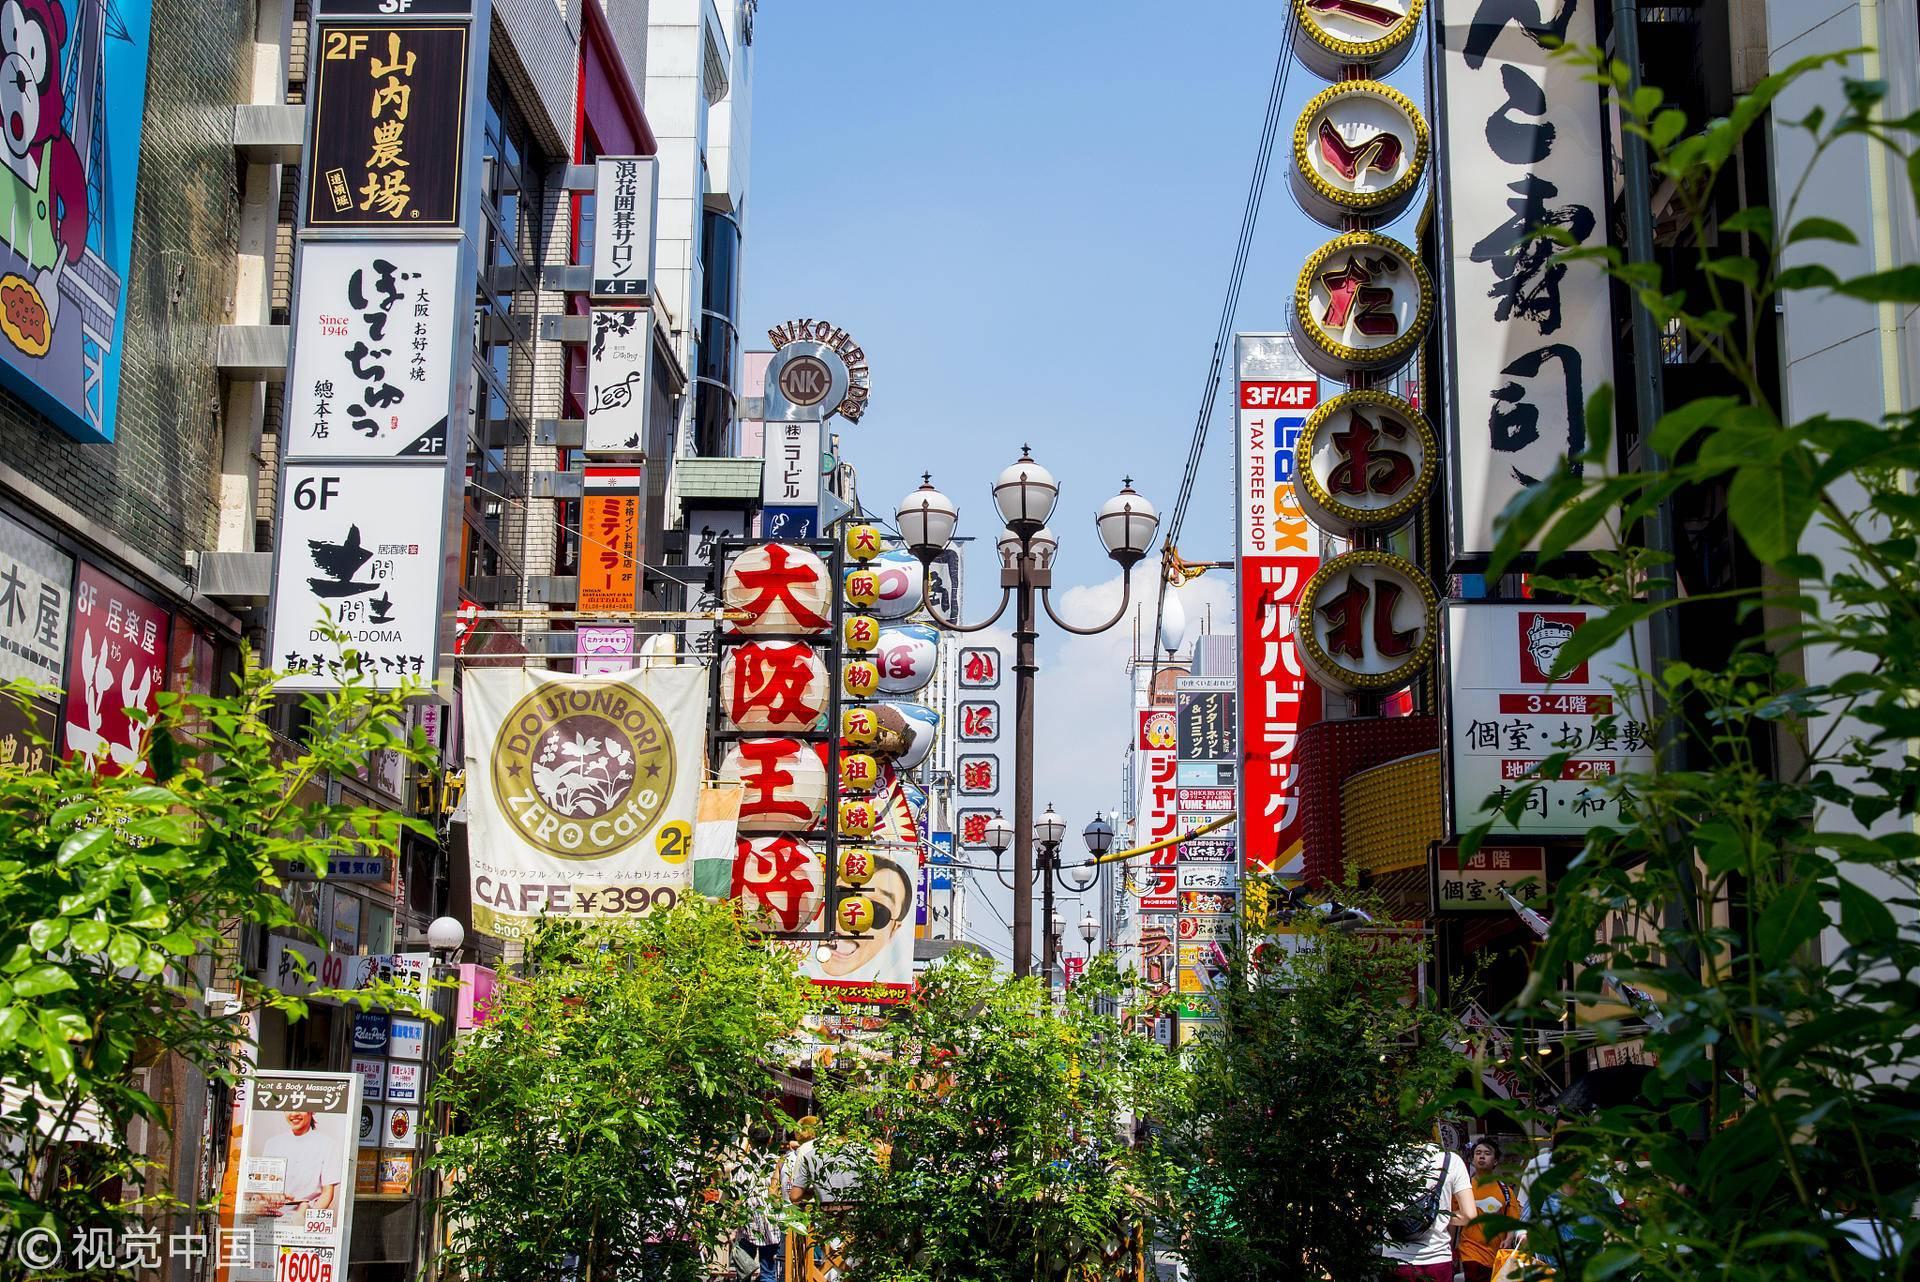 为什么浙江方言听起来像日语?